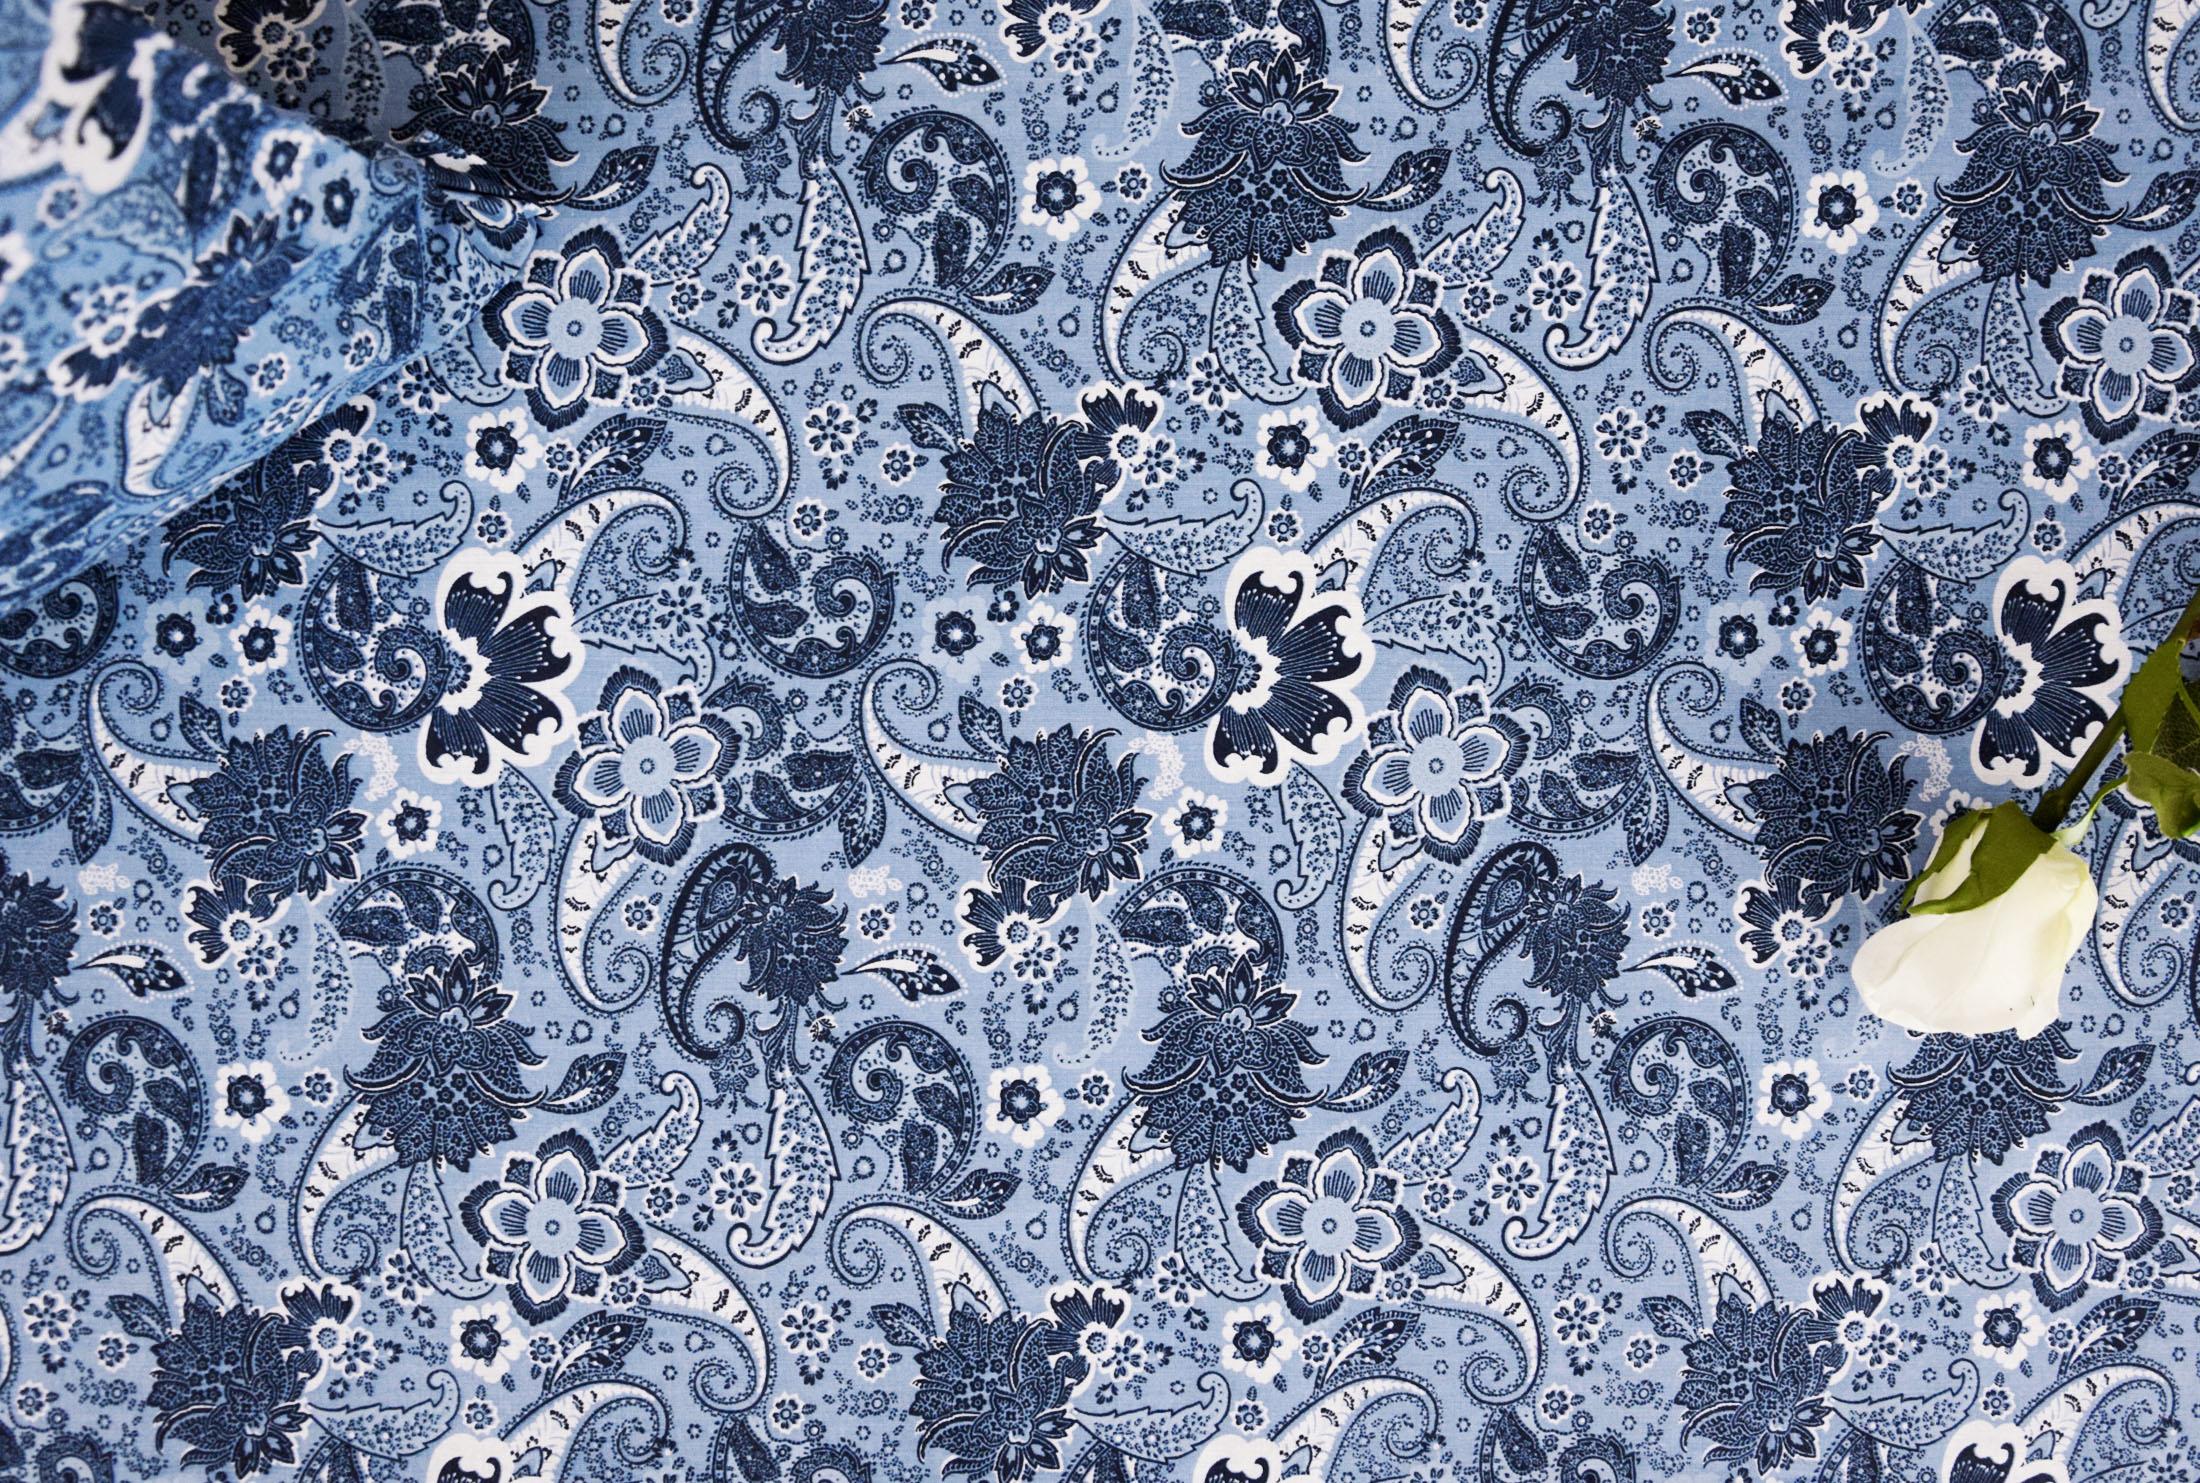 stoff baumwolle dekostoff orientalisch muster dunkelblau bettw sche kissenbezug ebay. Black Bedroom Furniture Sets. Home Design Ideas